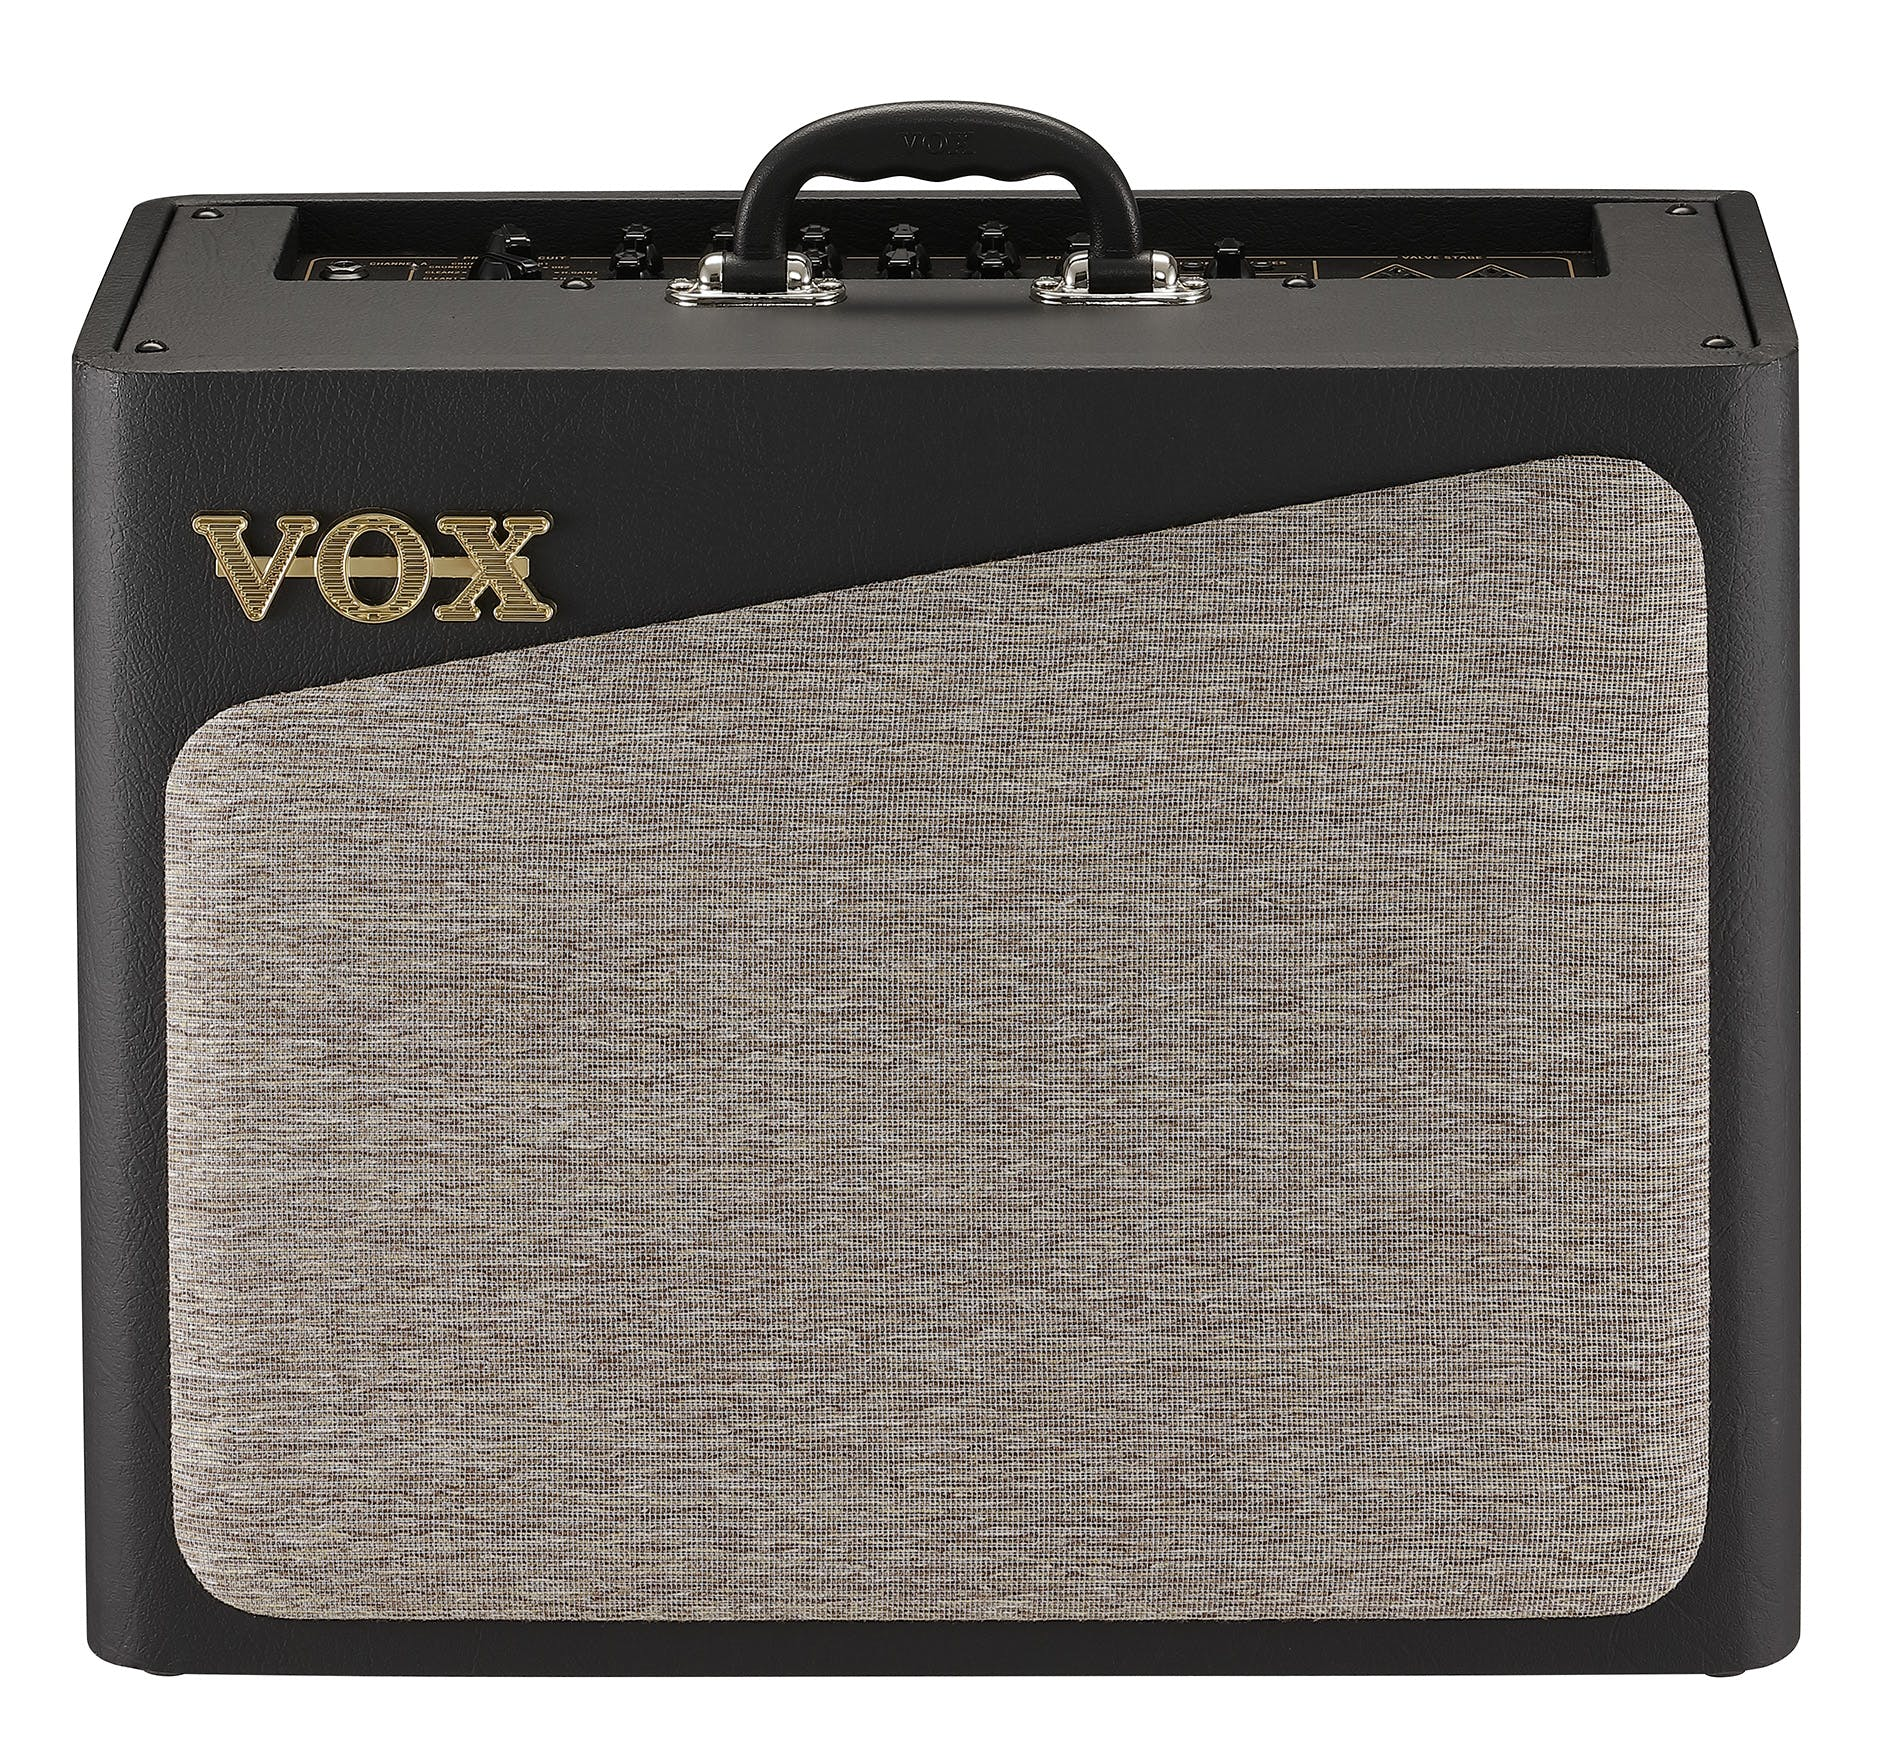 Best Valves For Vox AV30 Amplifier